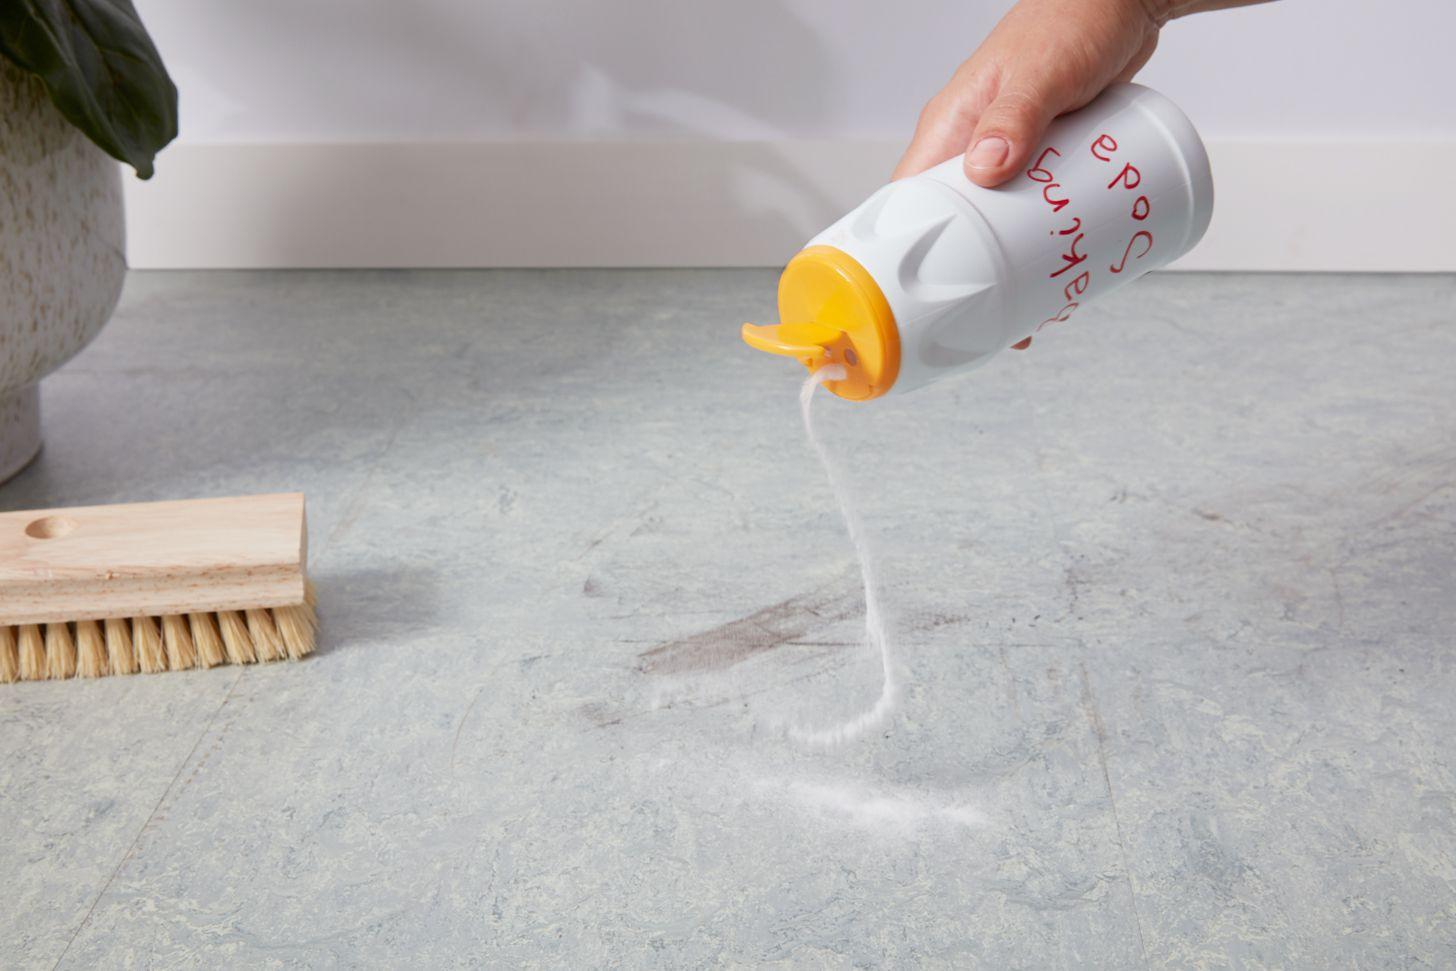 Sprinkle baking soda on linoleum floor